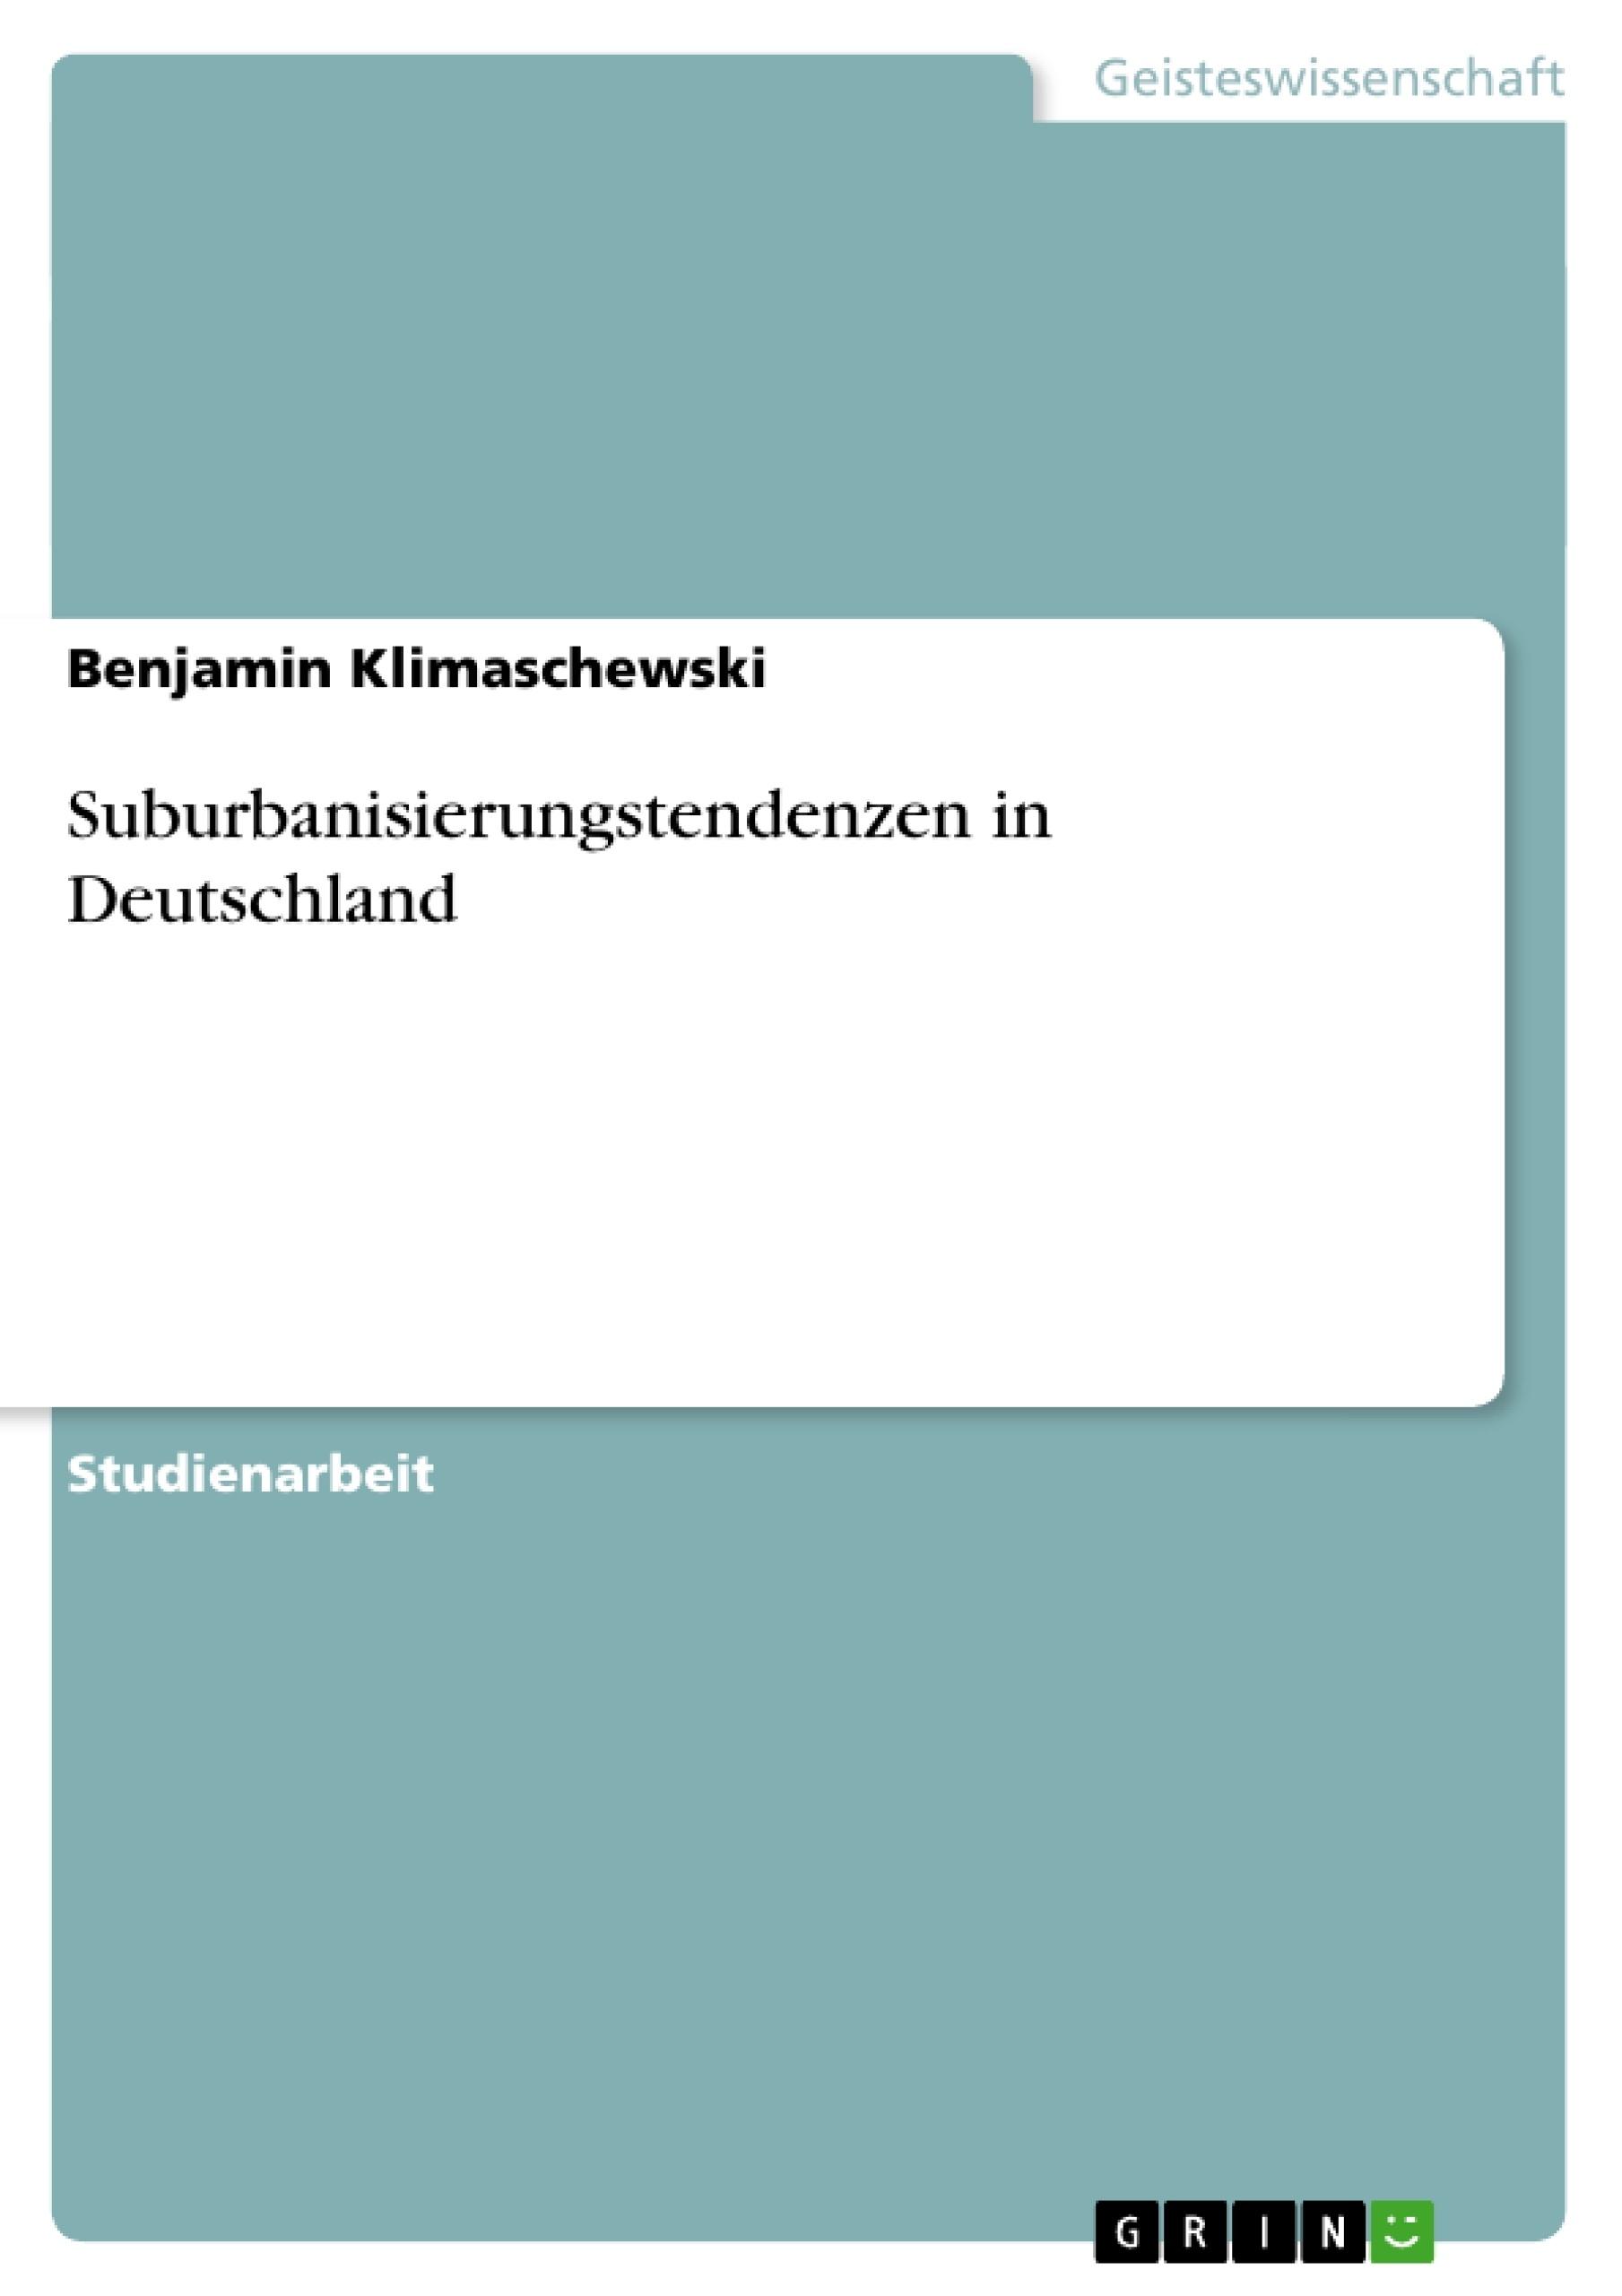 Titel: Suburbanisierungstendenzen in Deutschland